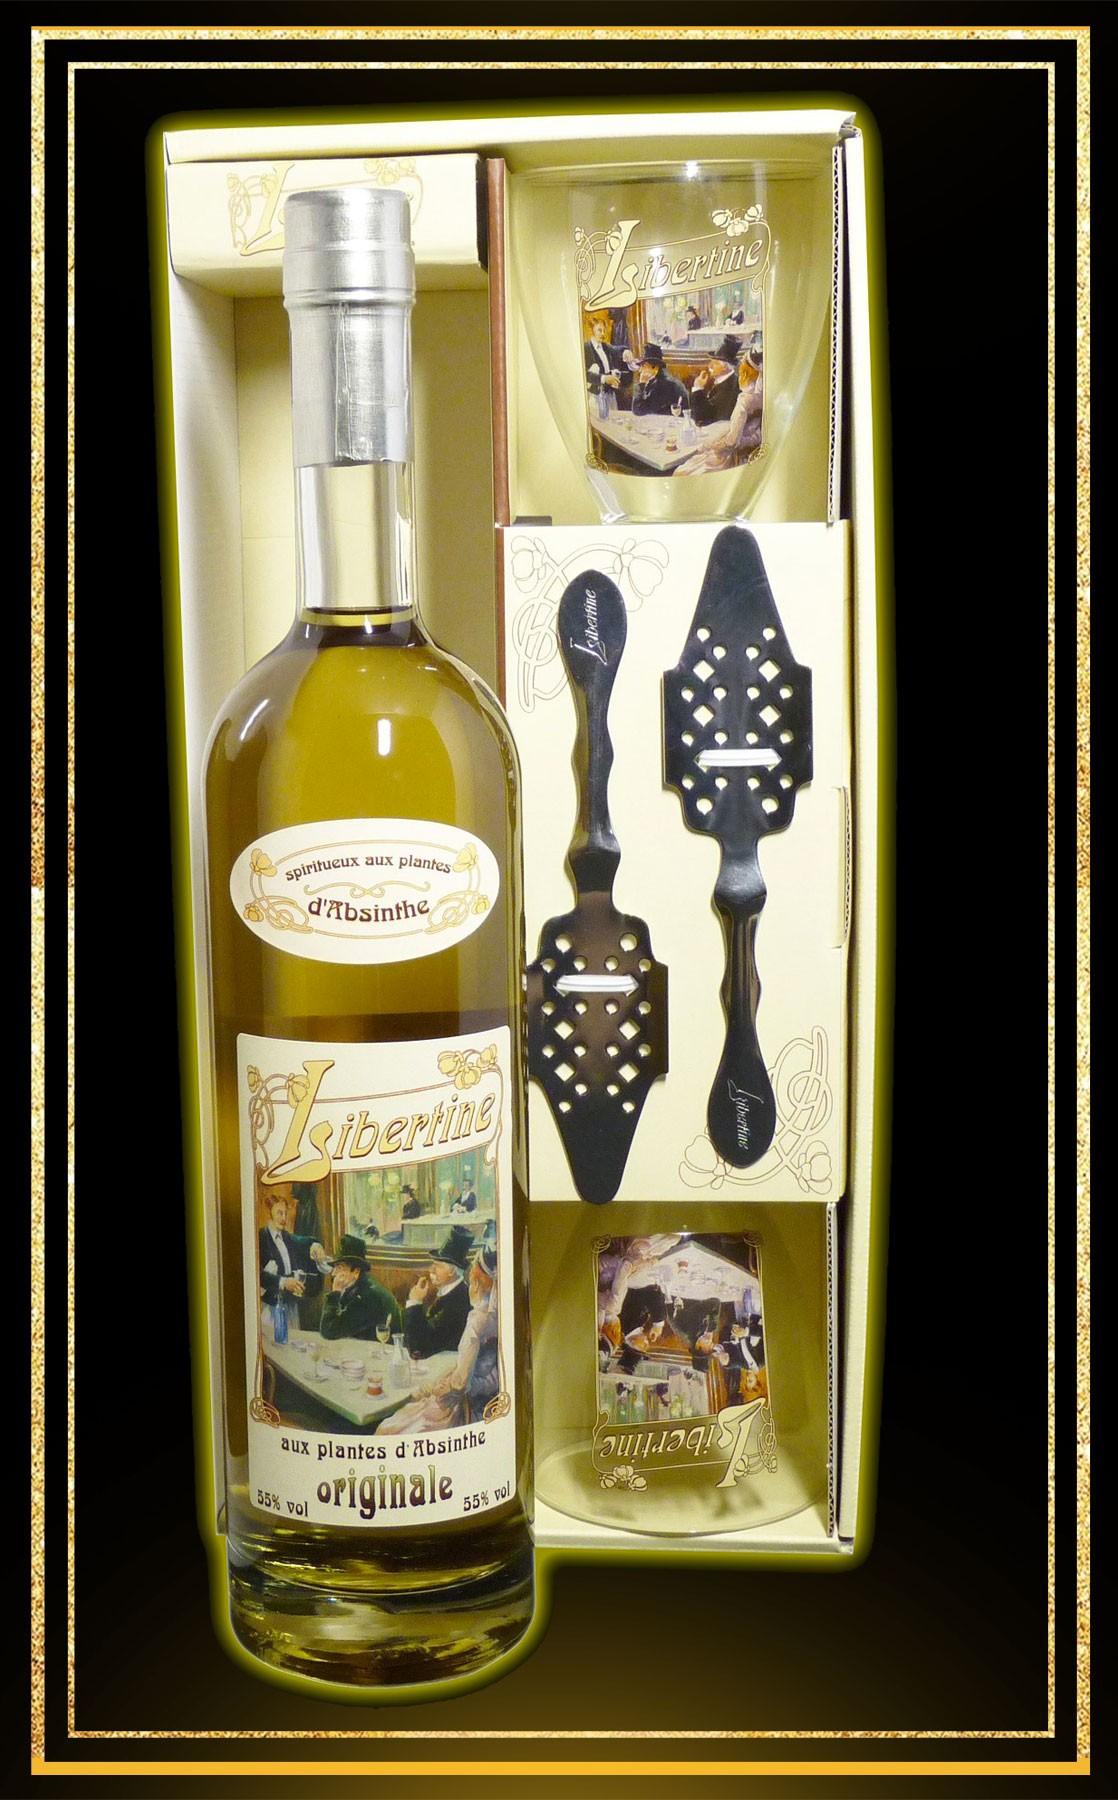 Coffret cadeau Libertine Originale 70cl 2 verres et 2 cuillères